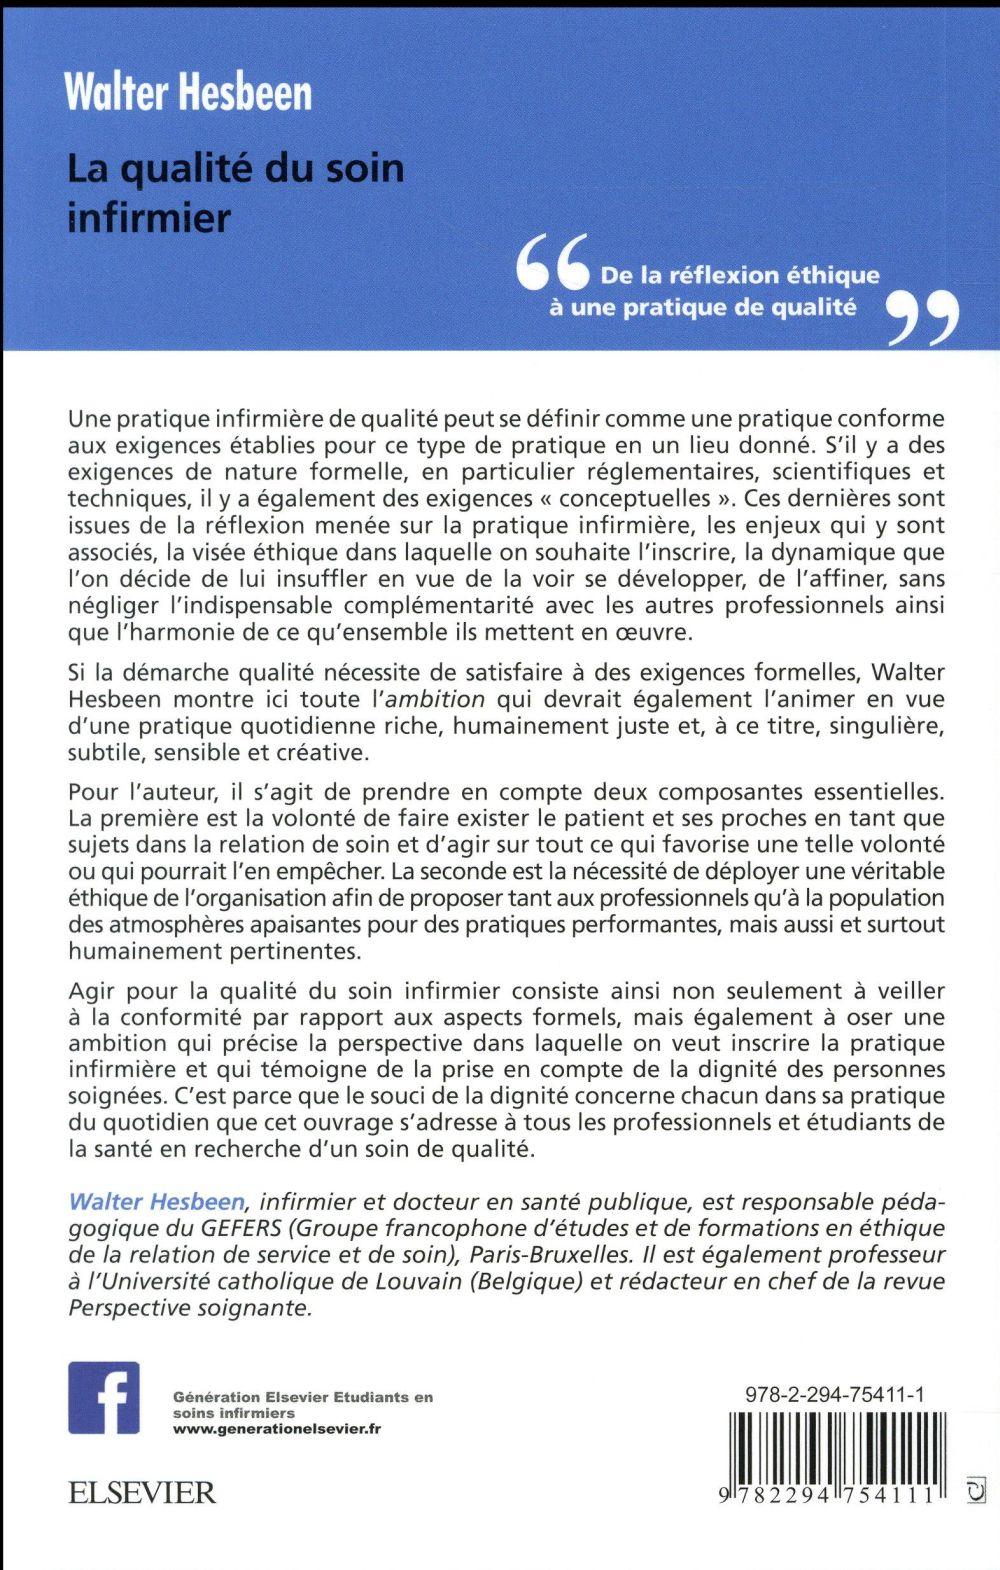 La qualité du soin infirmier ; de la réflexion éthique à une pratique de qualité (3e édition)